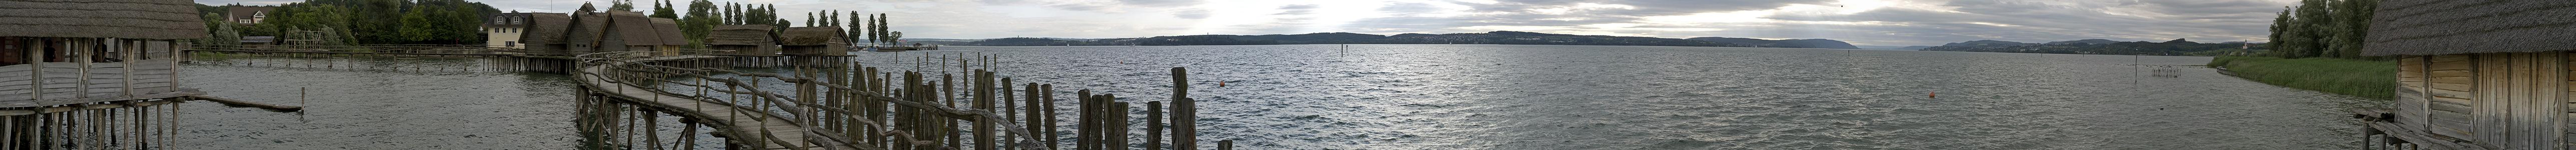 Unteruhldingen Pfahlbauten im Bodensee, Überlinger See Pfahlbaumuseum